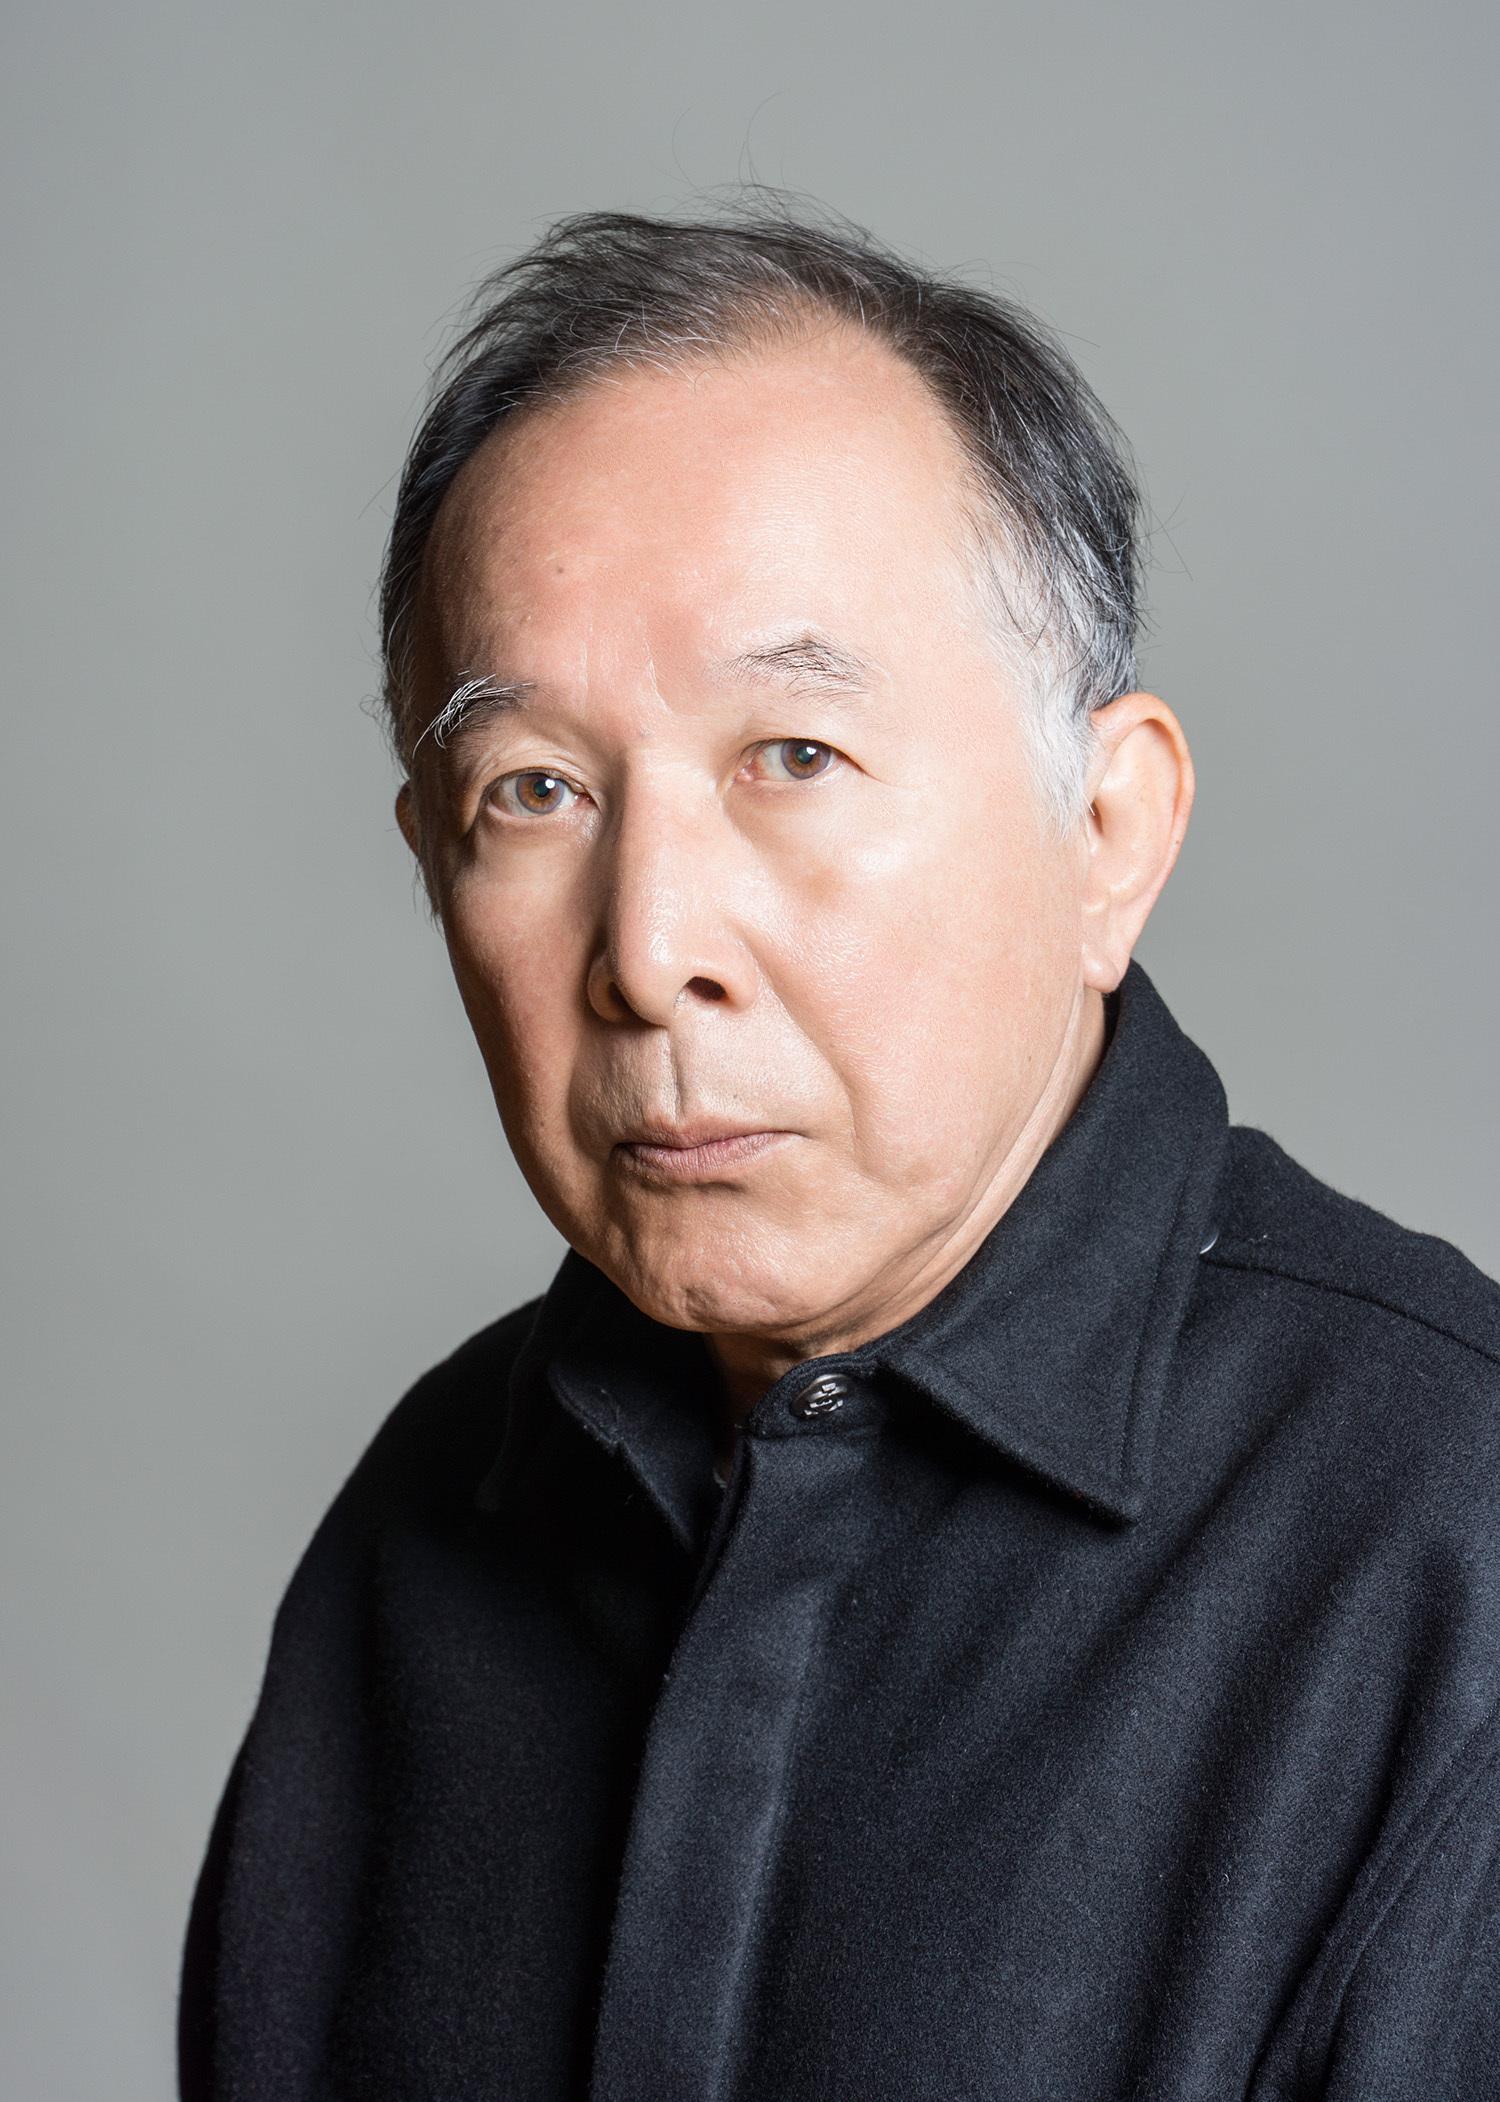 橋爪功さん(撮影/森田貢造)